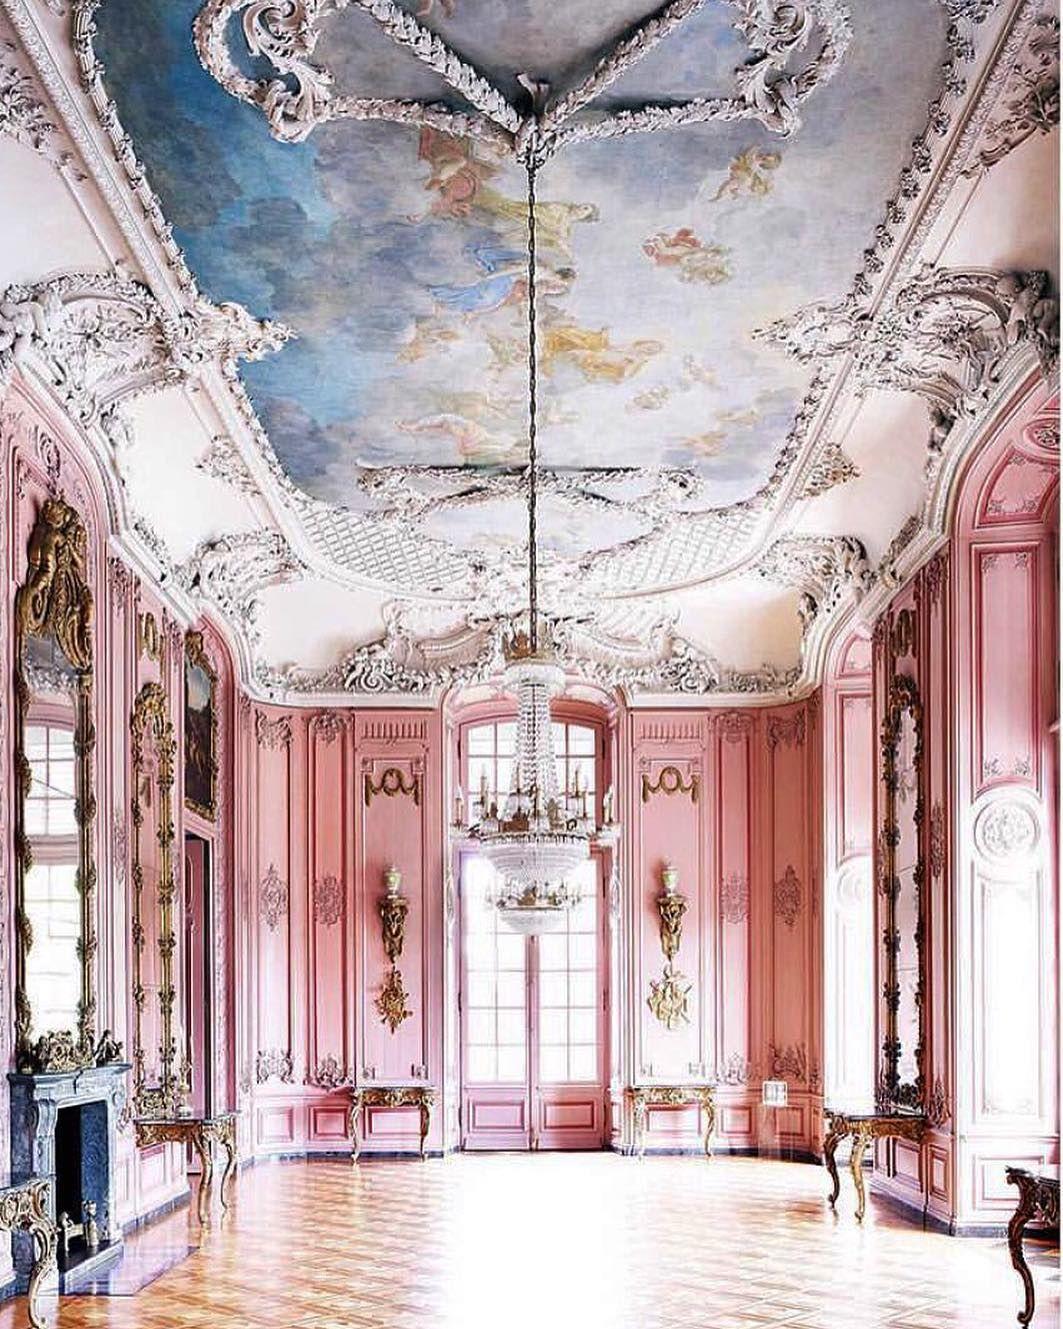 Explore Interior Architecture And More!